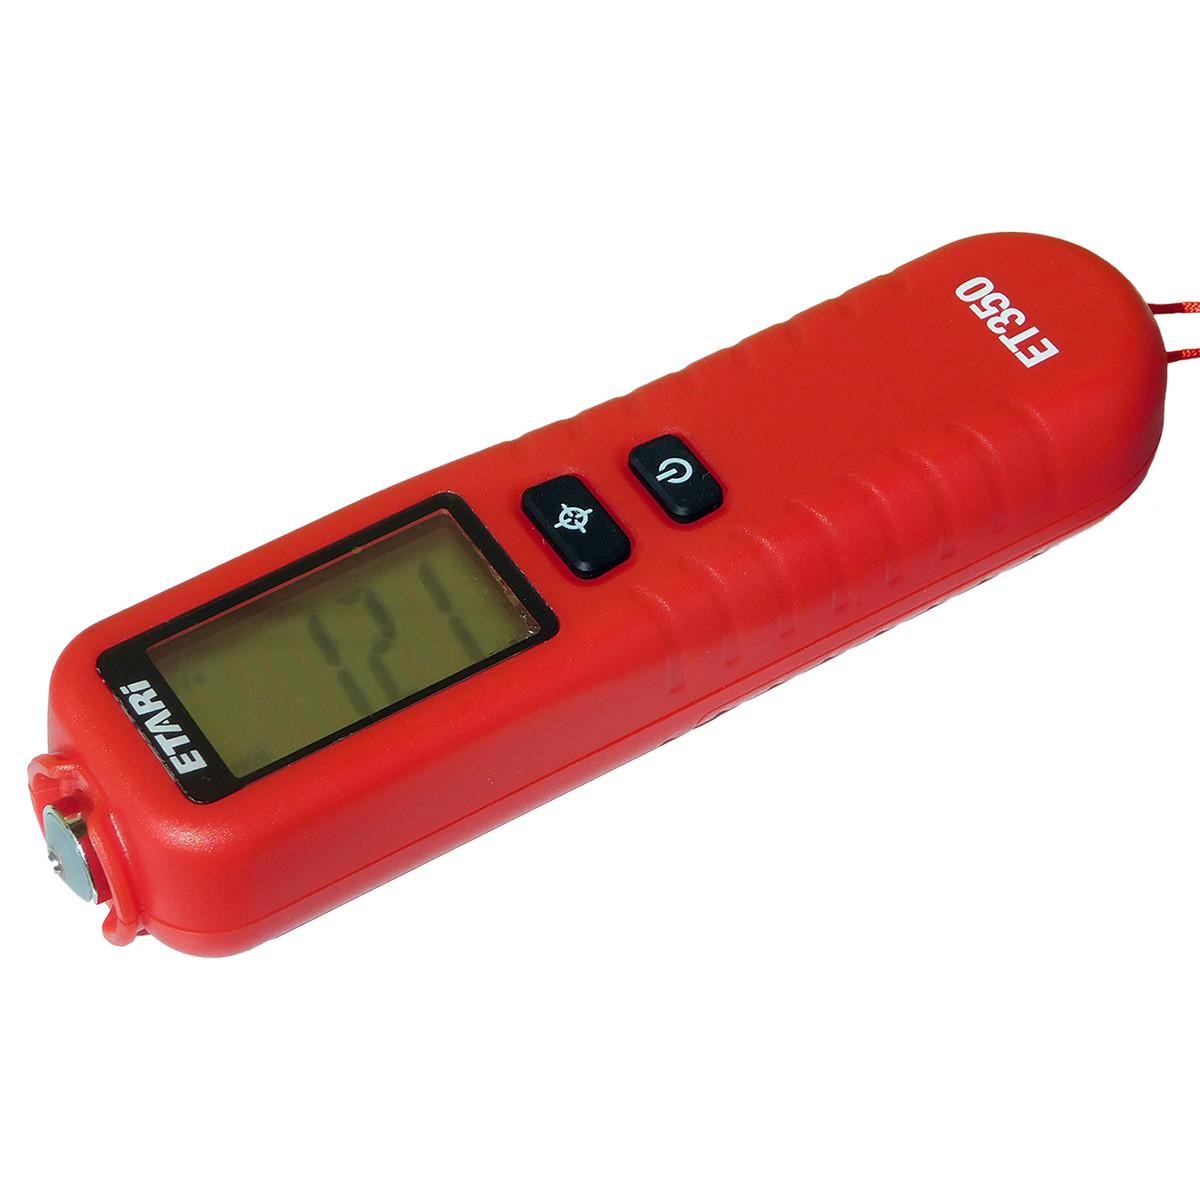 Толщиномер Etari ET 350